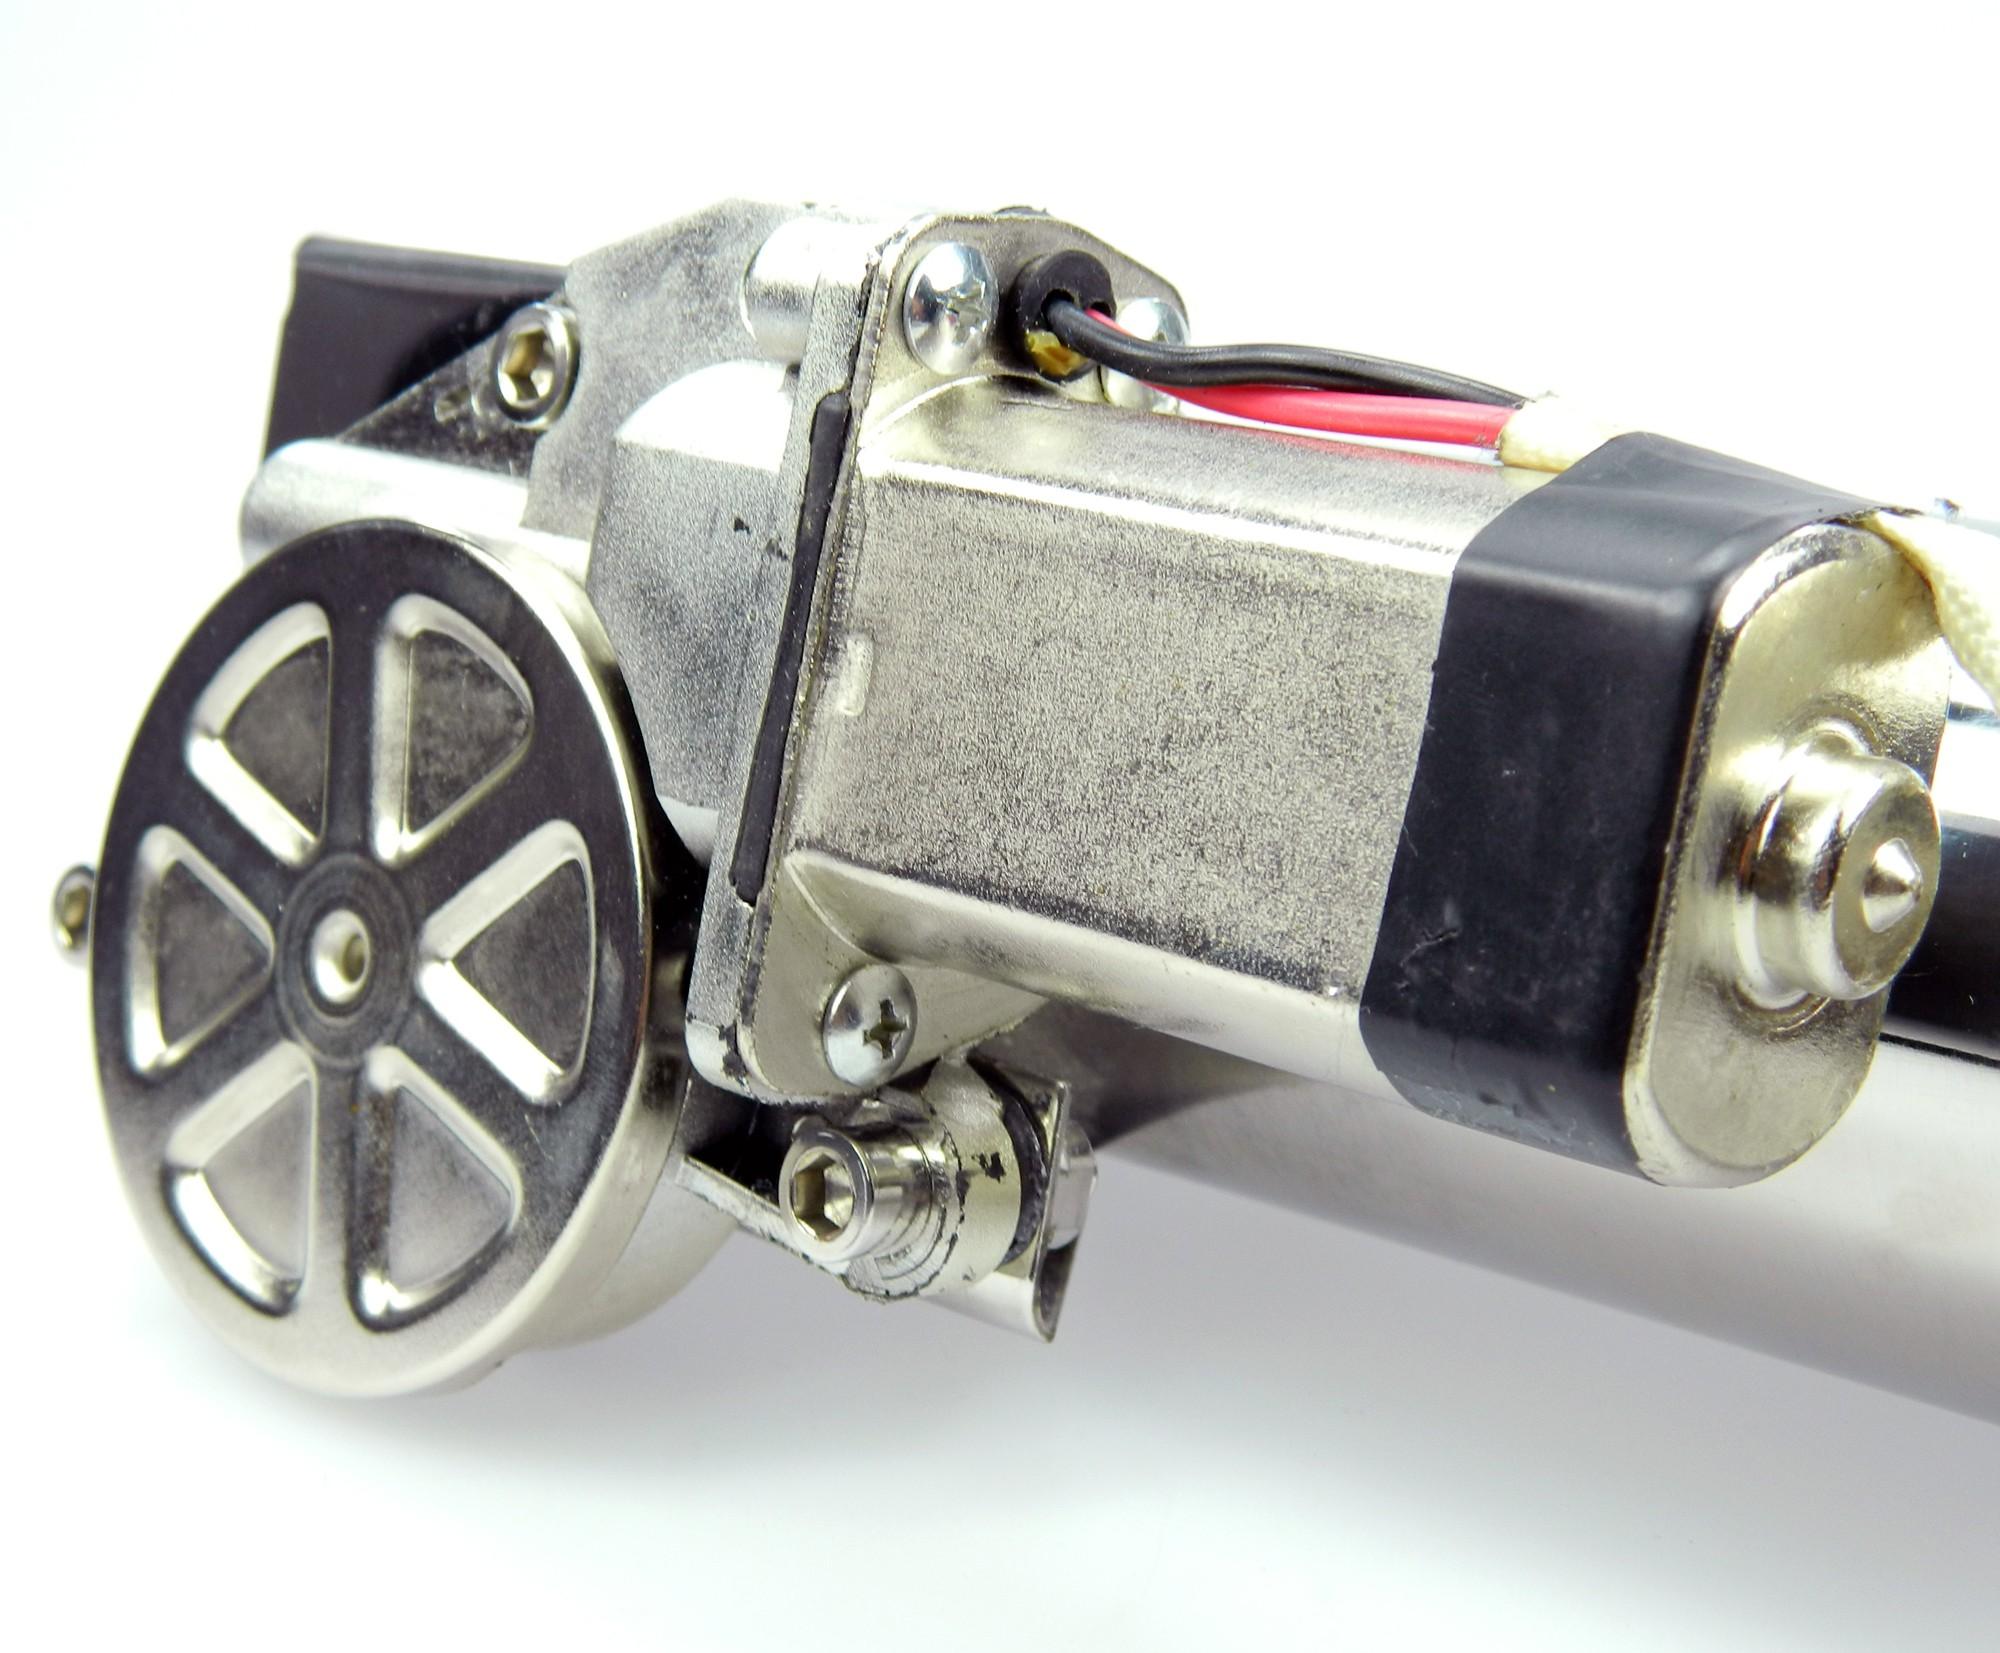 Klappenauspuff-System aus Edelstahl, elektrisch inkl. Fernbedienung - 63,5mm Innendurchmesser